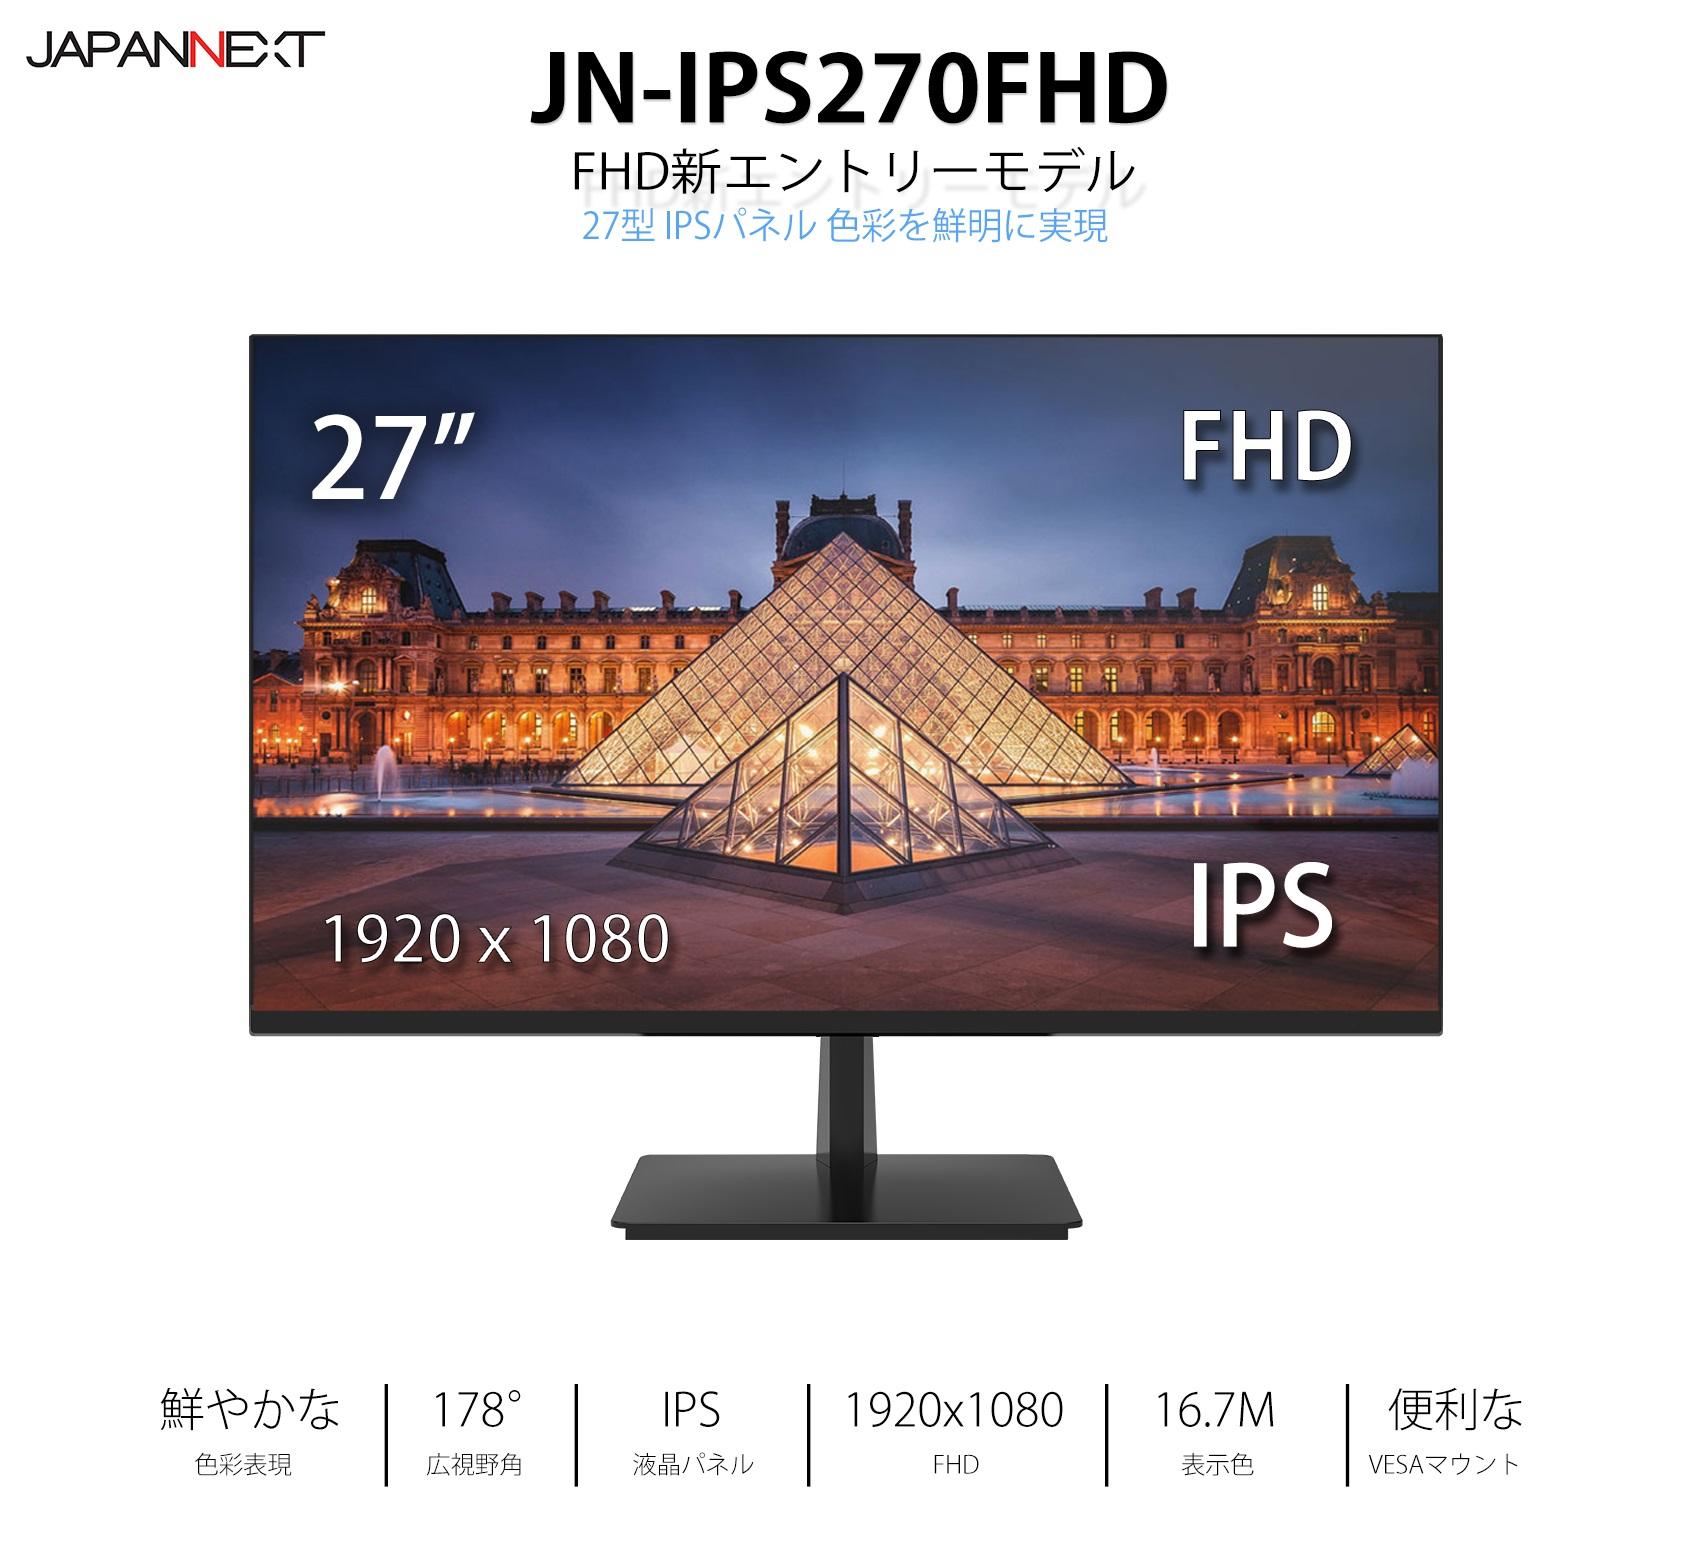 JN-IPS270FHD